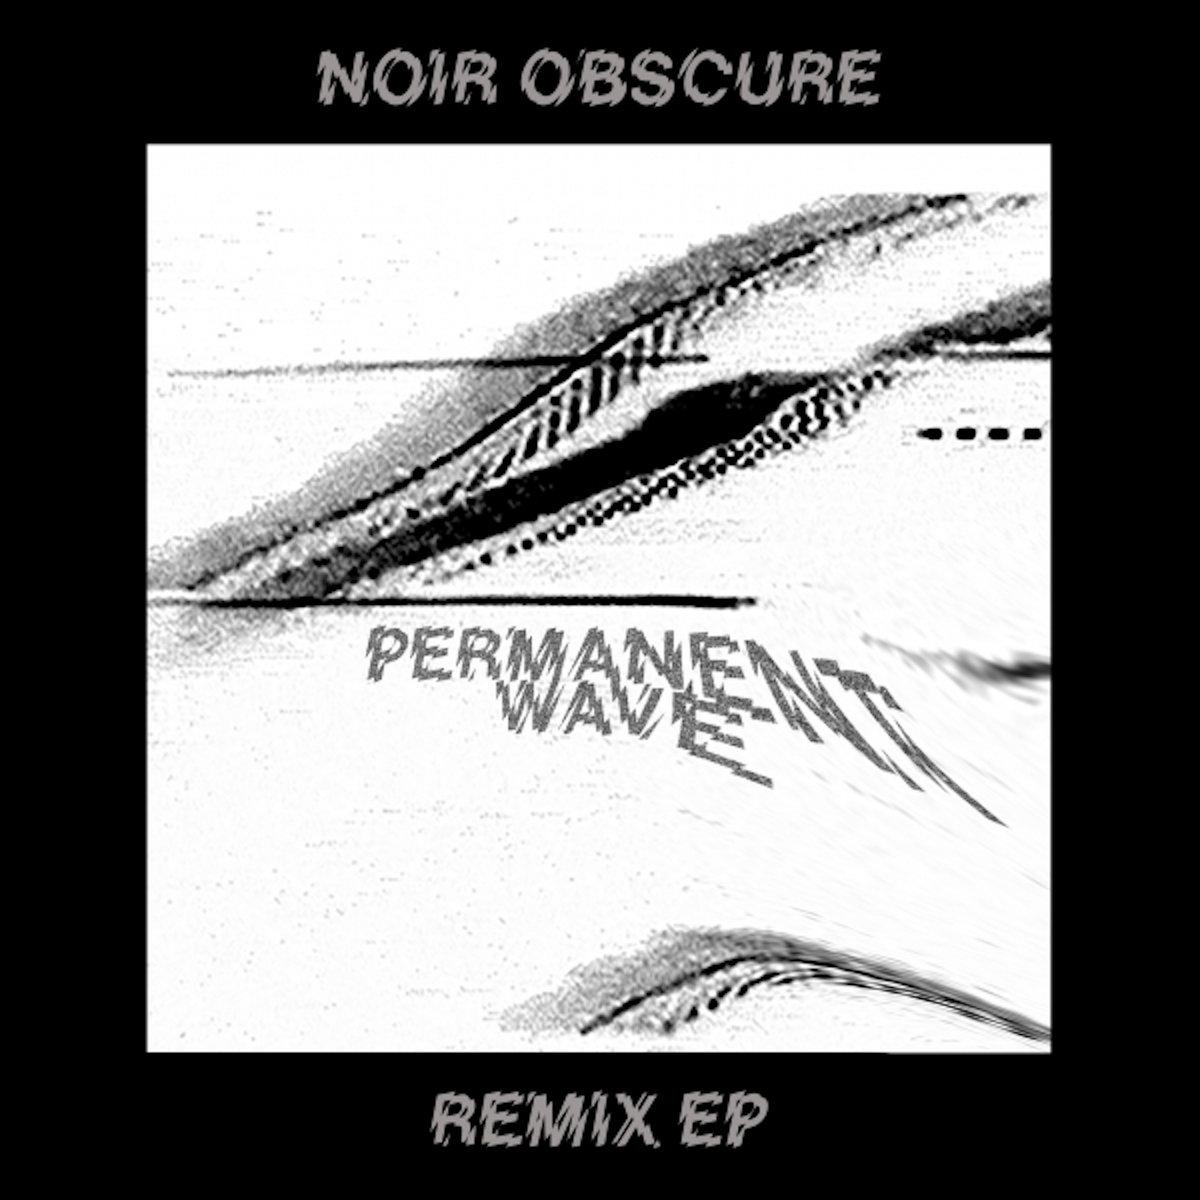 The Last Wave , buscando en la actualidad los sonidos oscuros de los 80,s